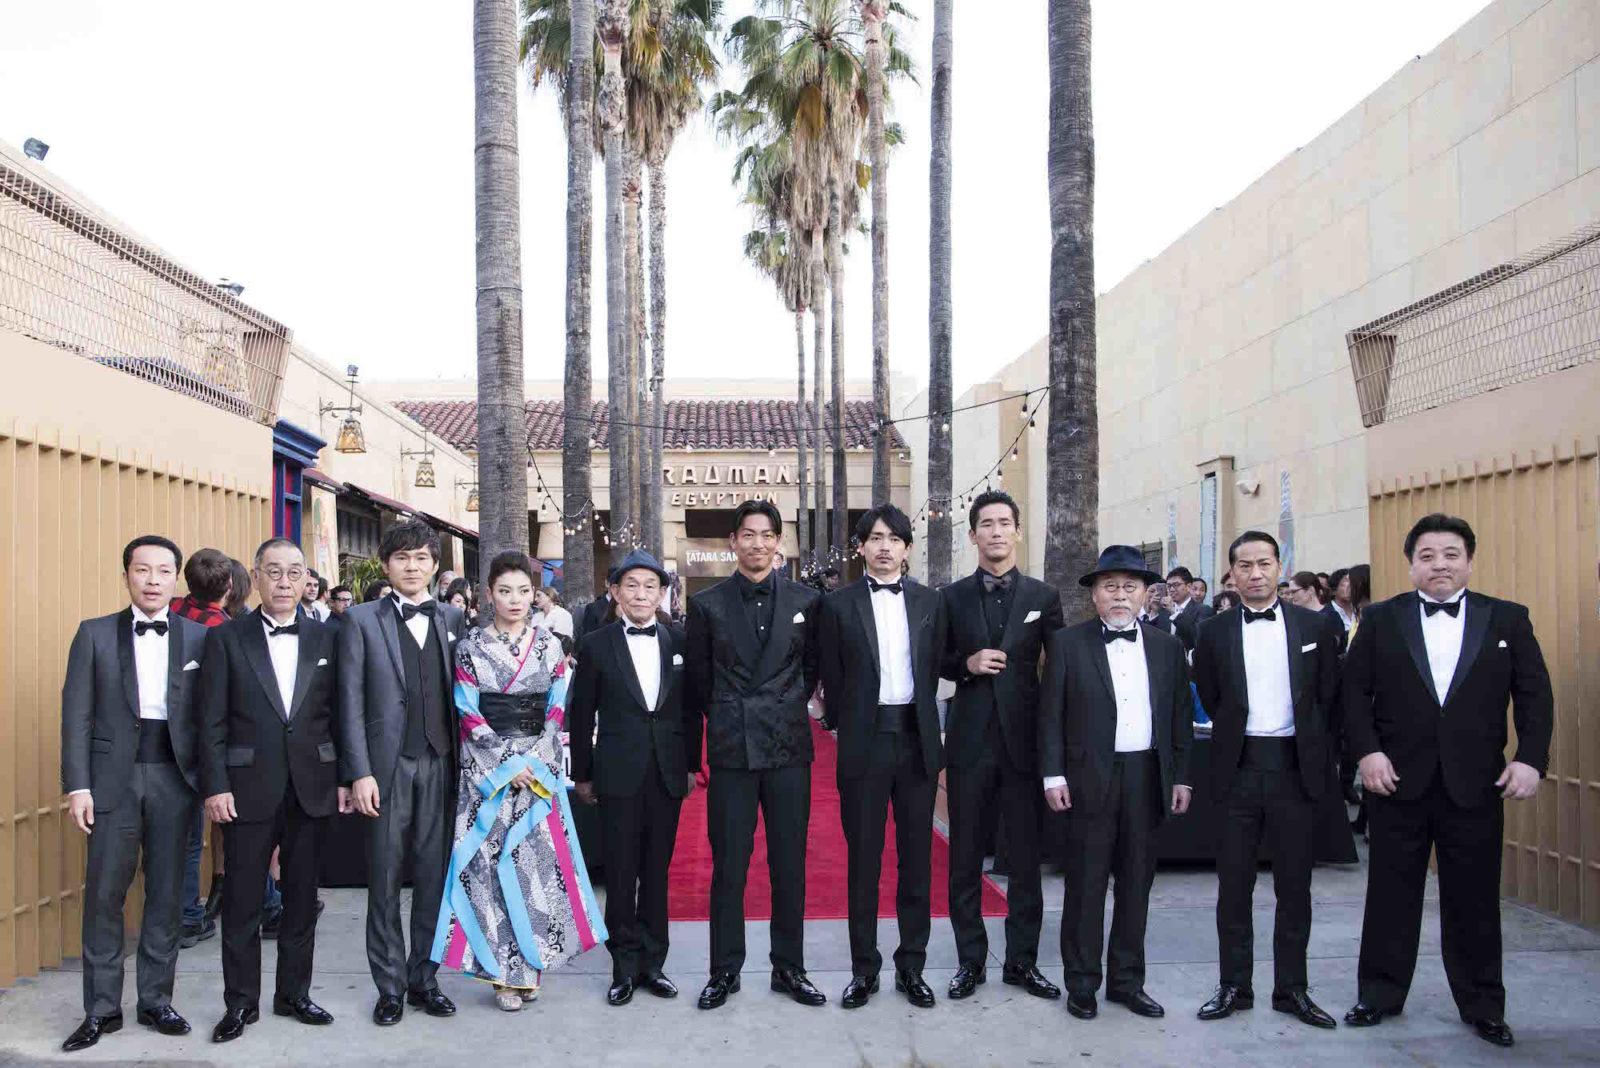 映画「たたら侍」ハリウッドプレミア開催!主演・青柳翔「嬉しいですし光栄です」サムネイル画像